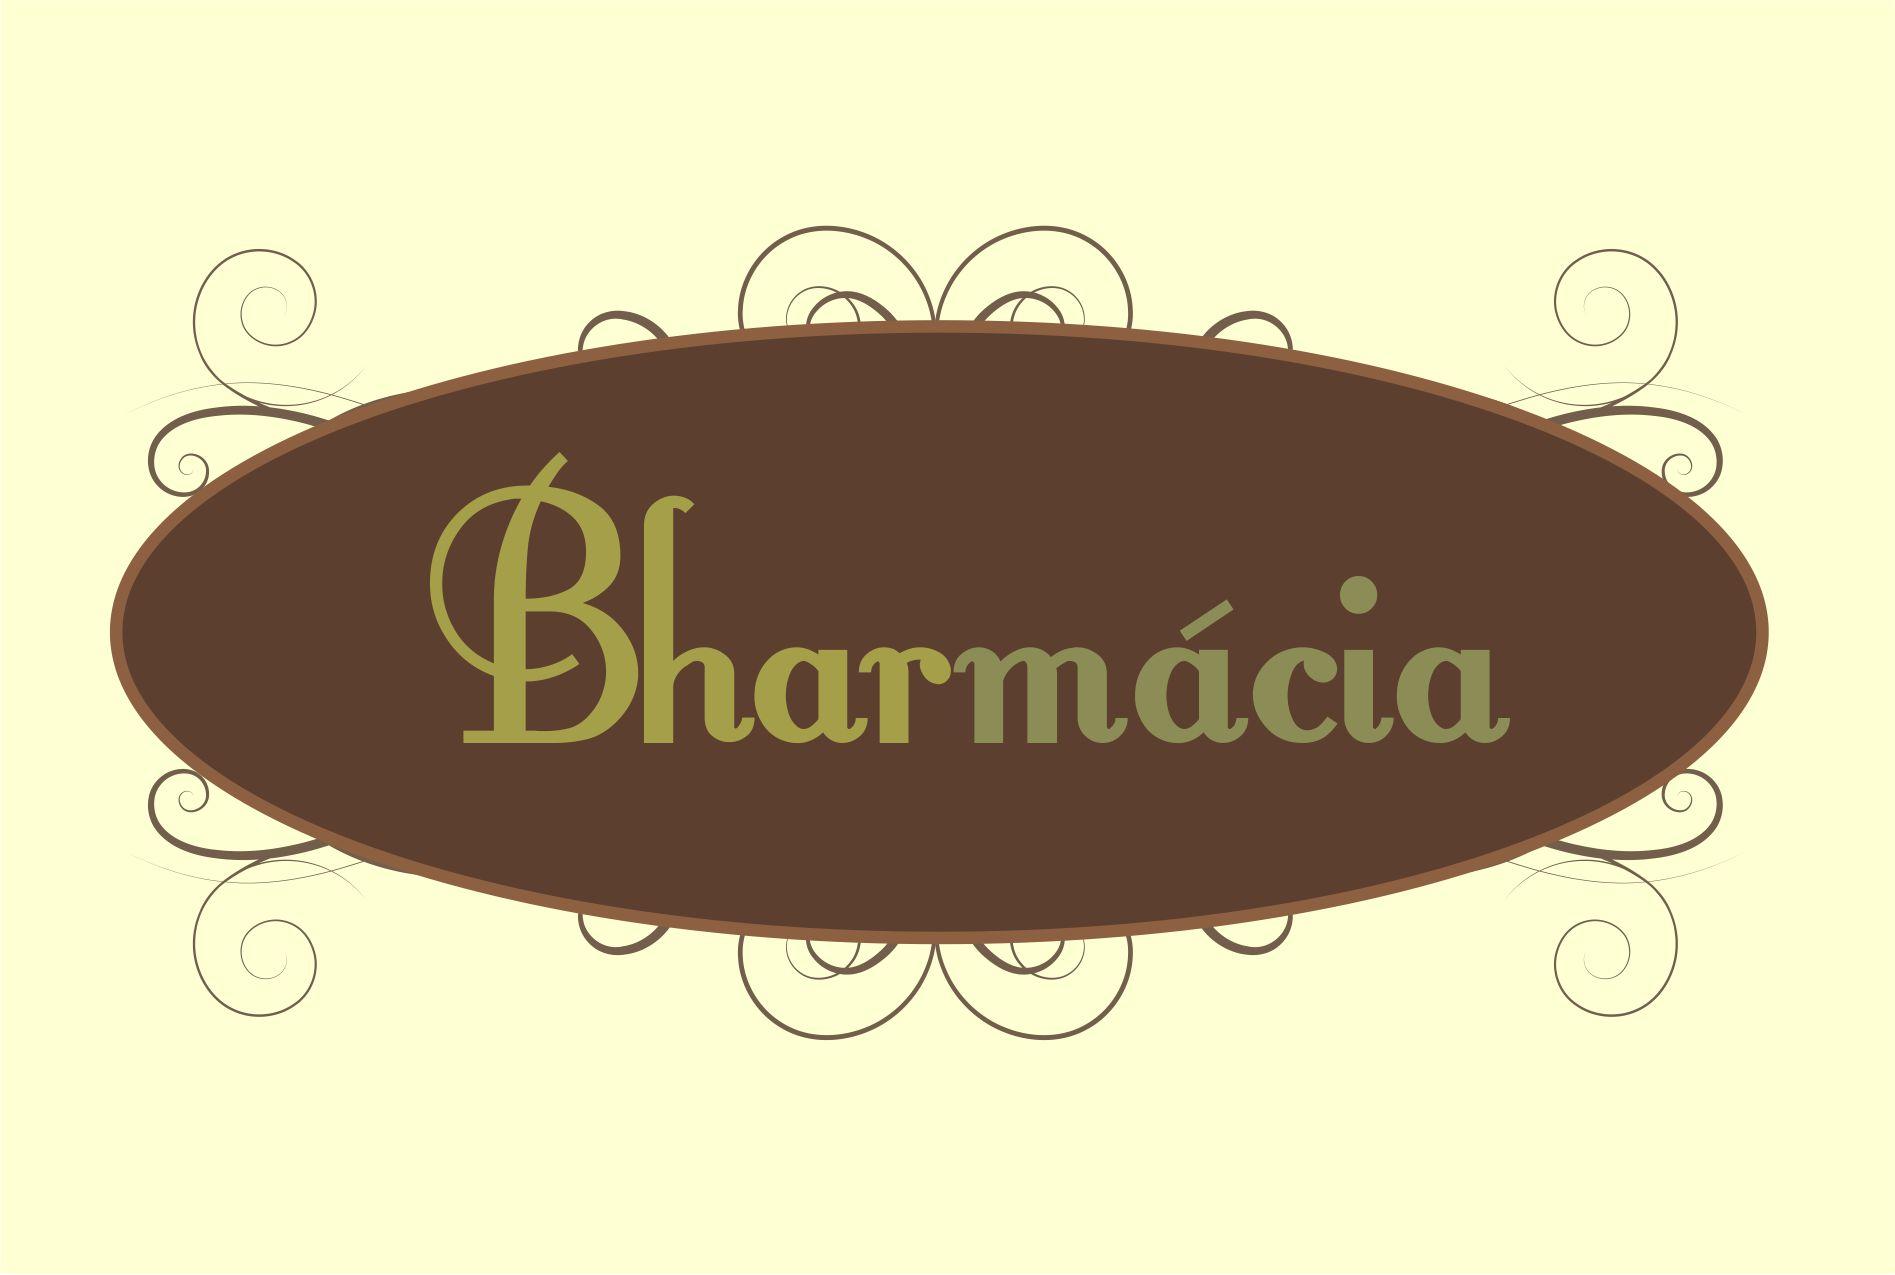 design-impresso-grafica-olaria-rj-rio-de-janeiro-logotipo-papelaria-cardapio-bharmacia-bar-restaurante-zona-norte